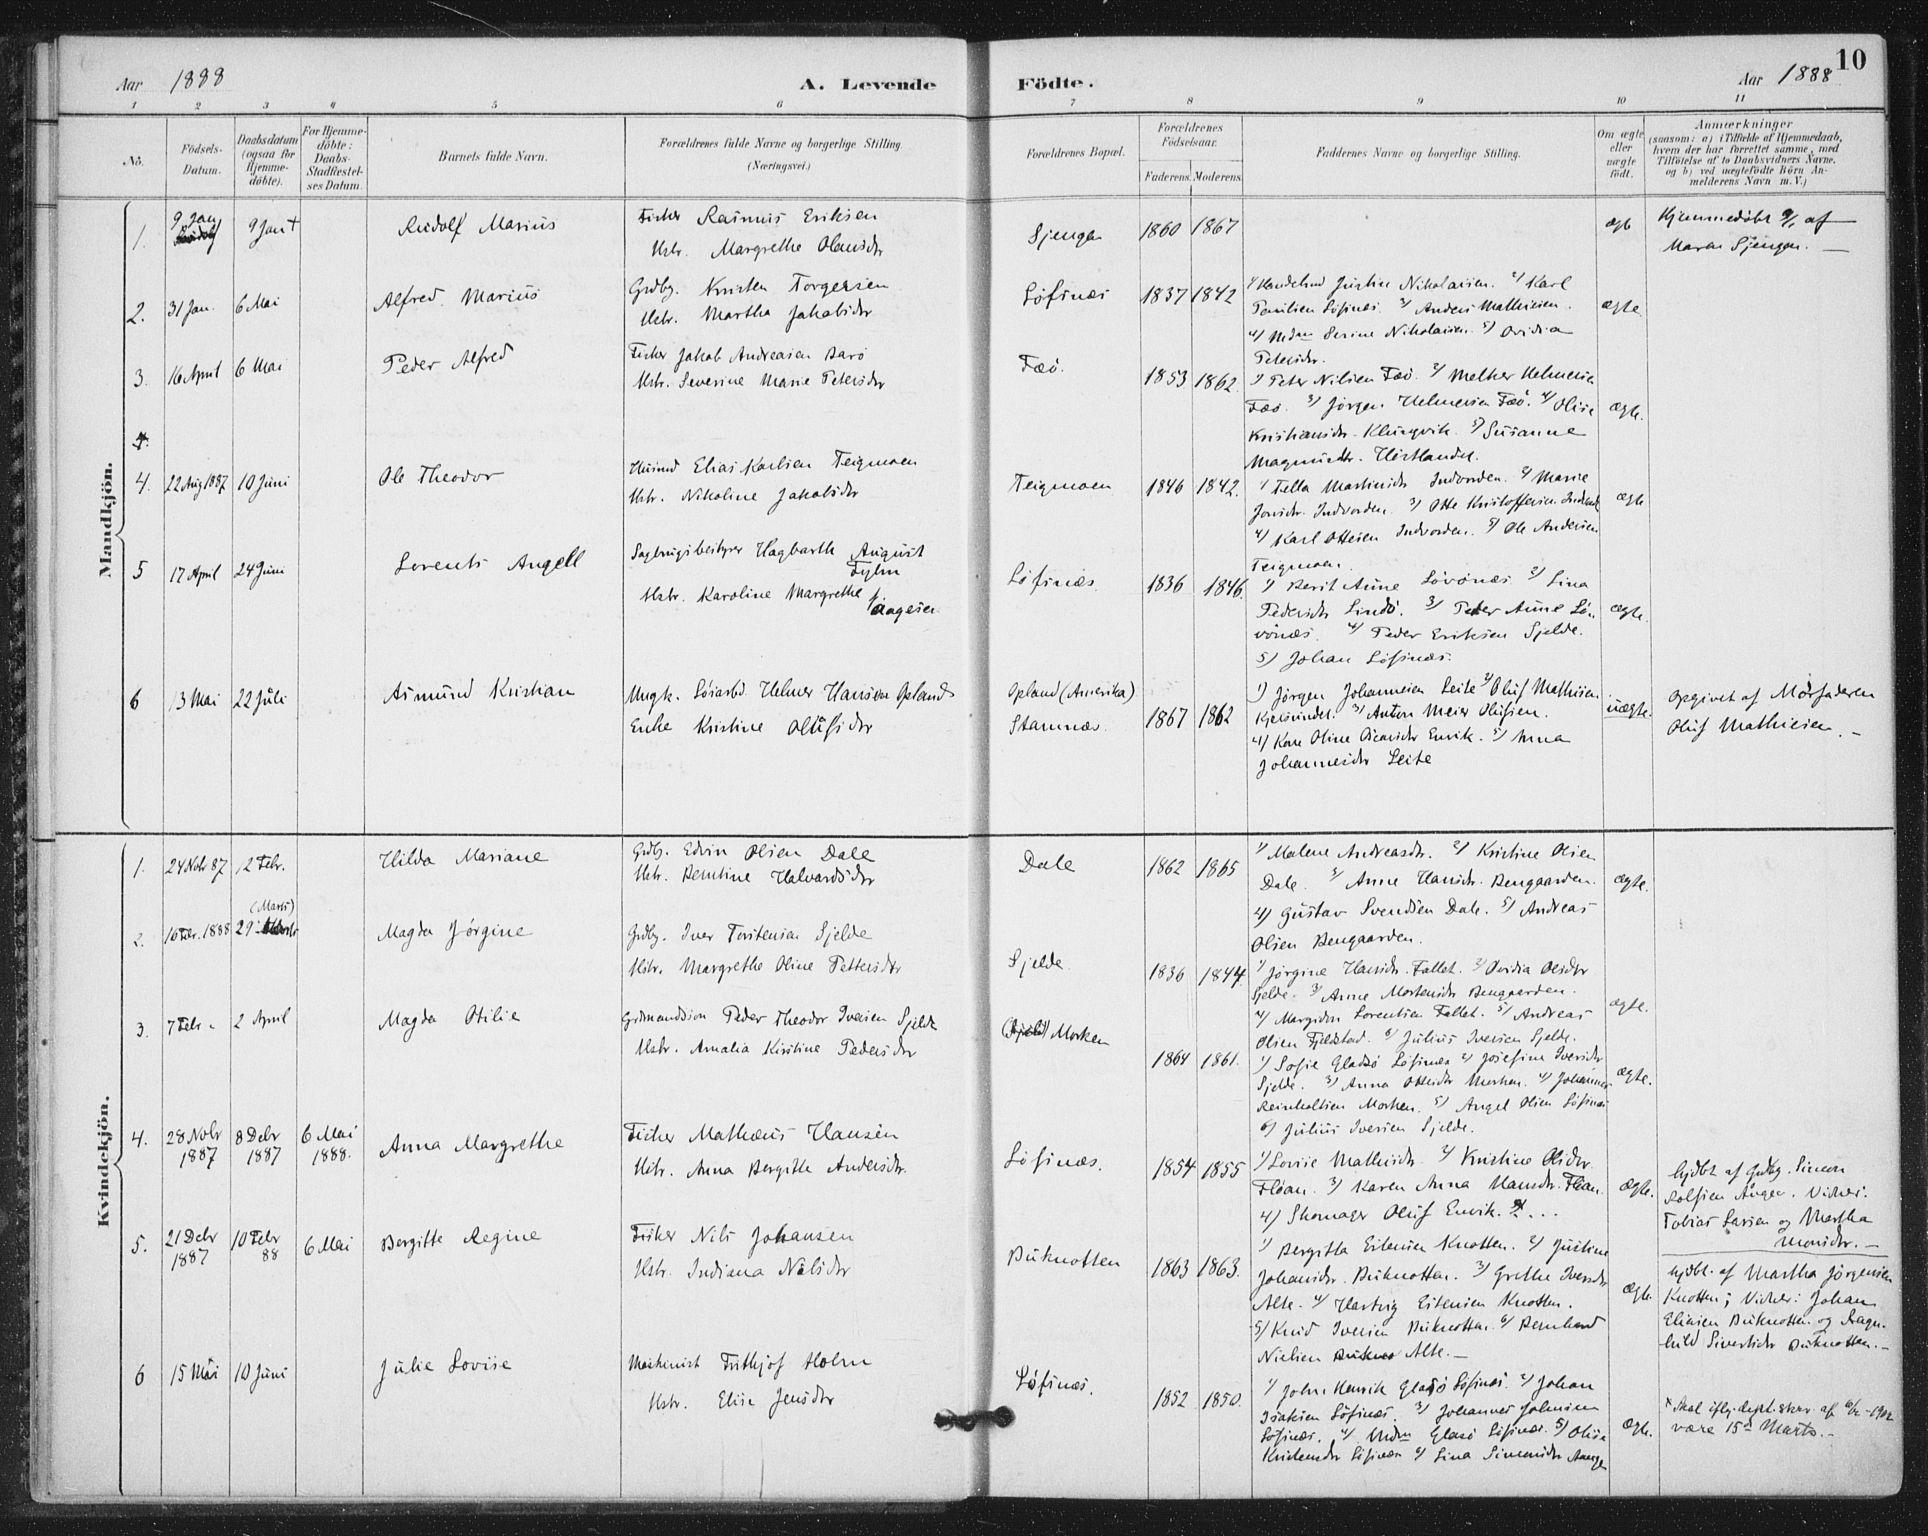 SAT, Ministerialprotokoller, klokkerbøker og fødselsregistre - Nord-Trøndelag, 772/L0603: Ministerialbok nr. 772A01, 1885-1912, s. 10